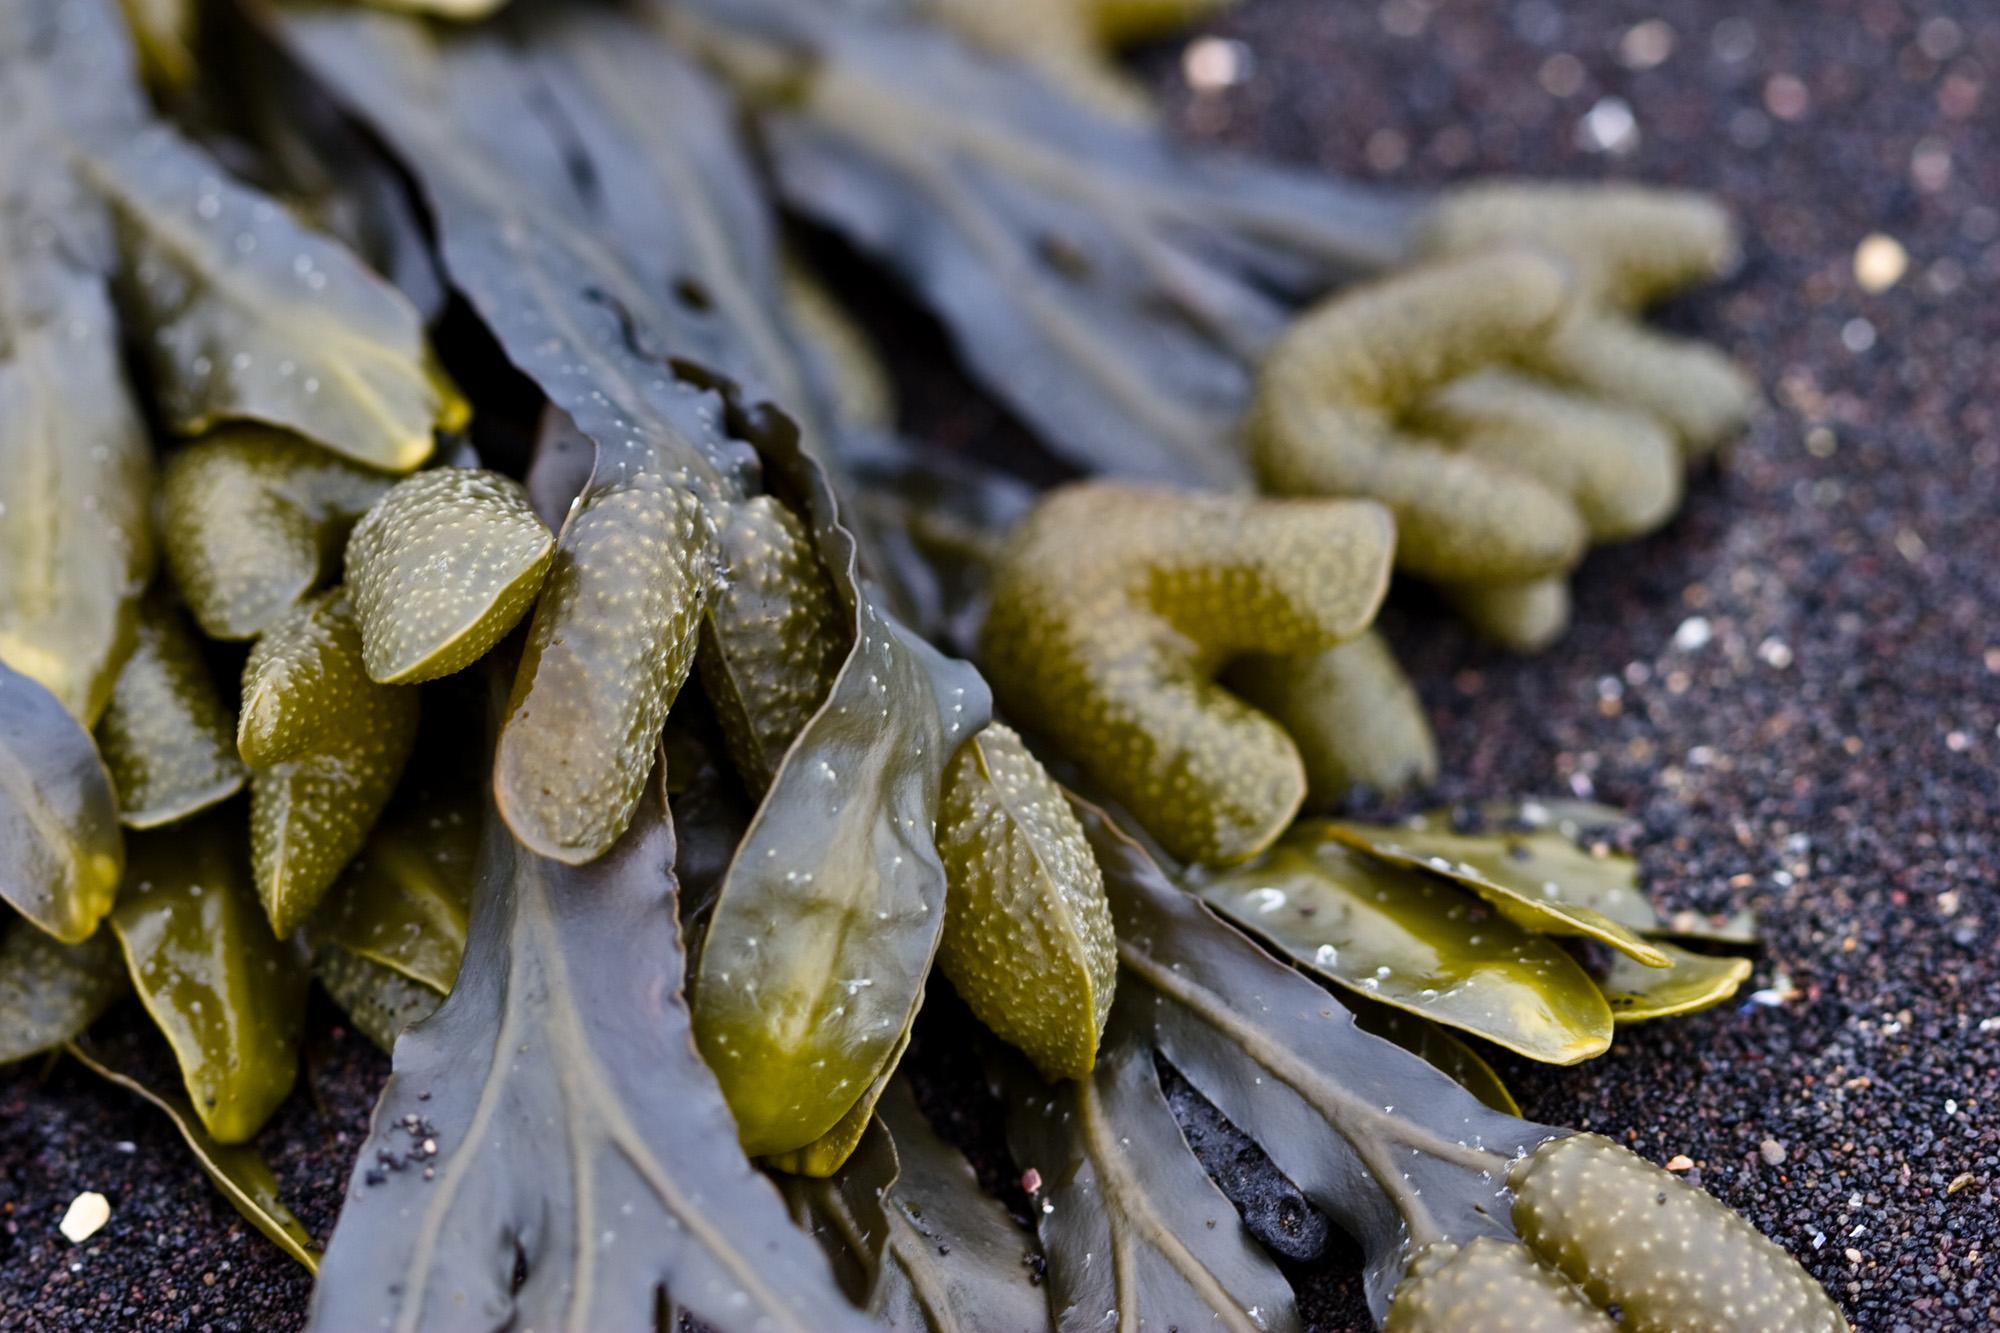 Seaweed, Slimy, Underwater, Water, Wet, HQ Photo